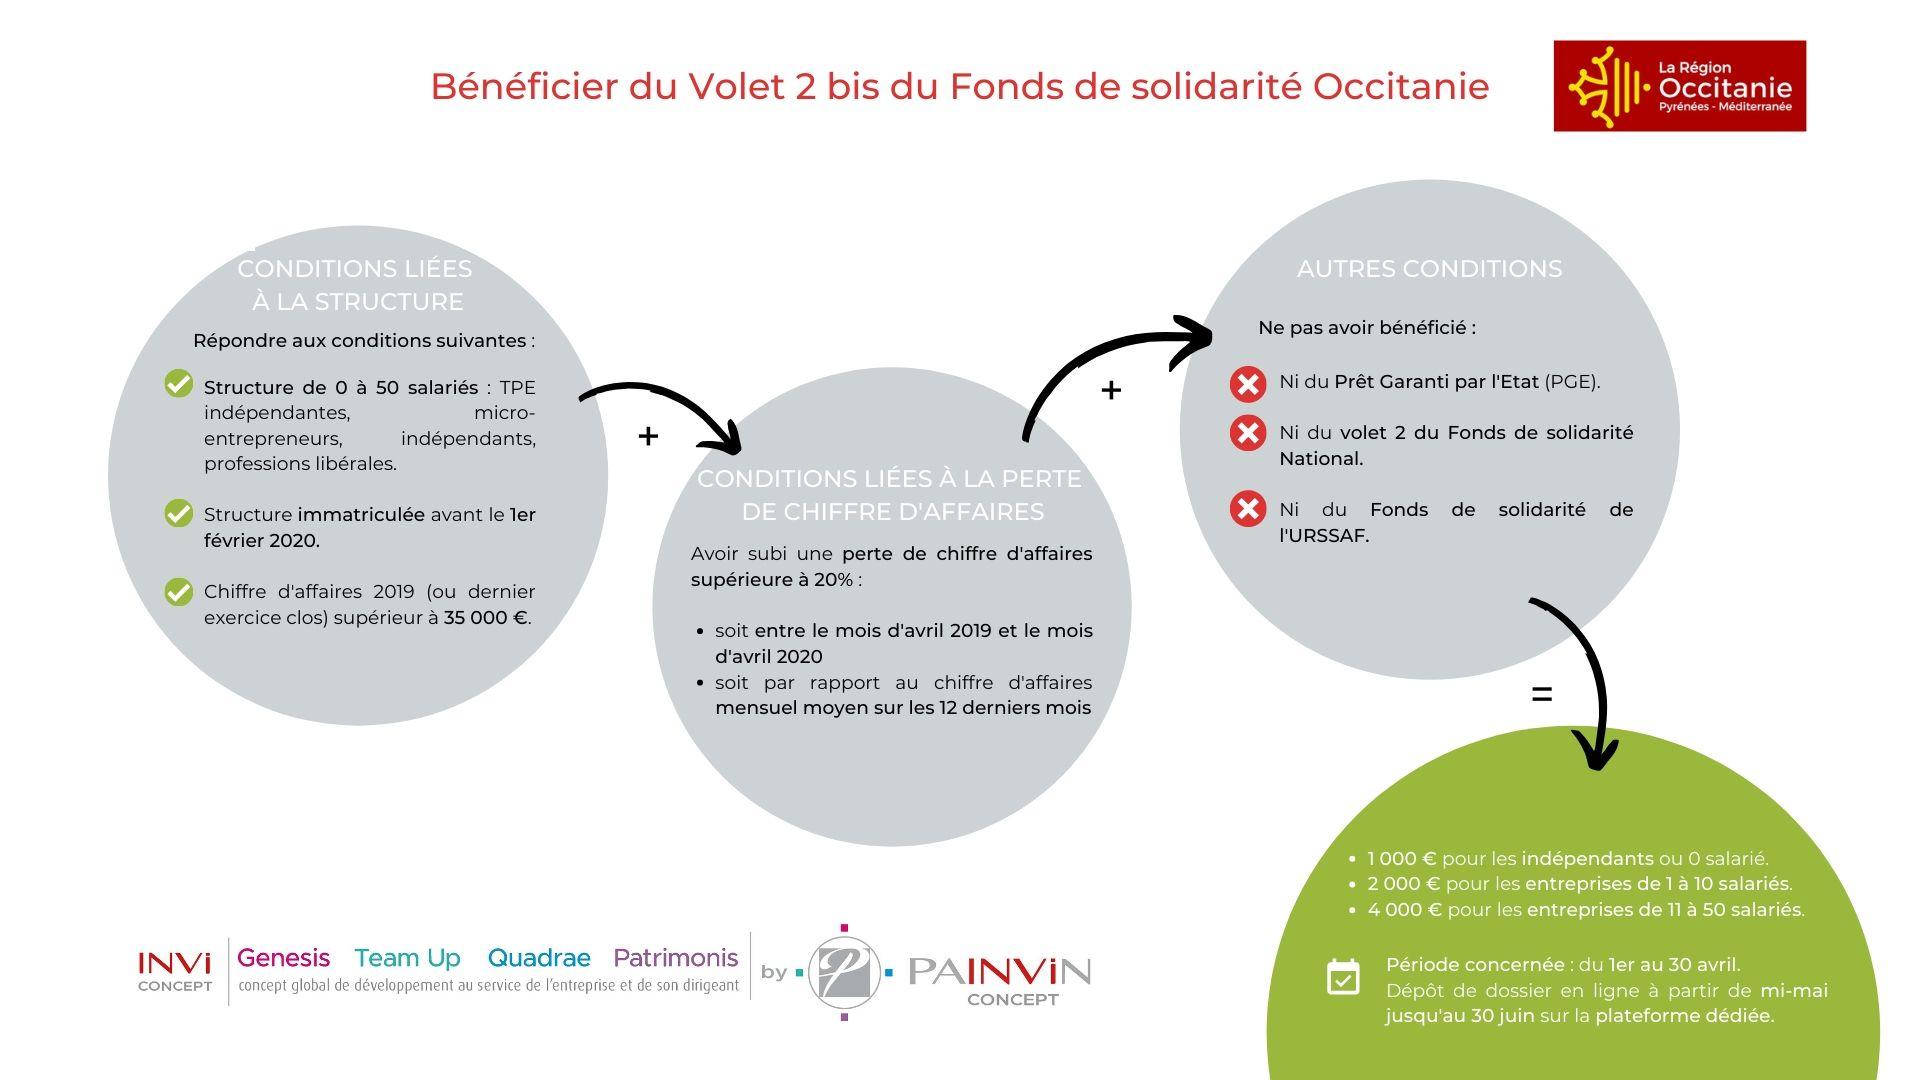 infographie volet 2 bis du fonds de solidarité mis en place par la région occitanie